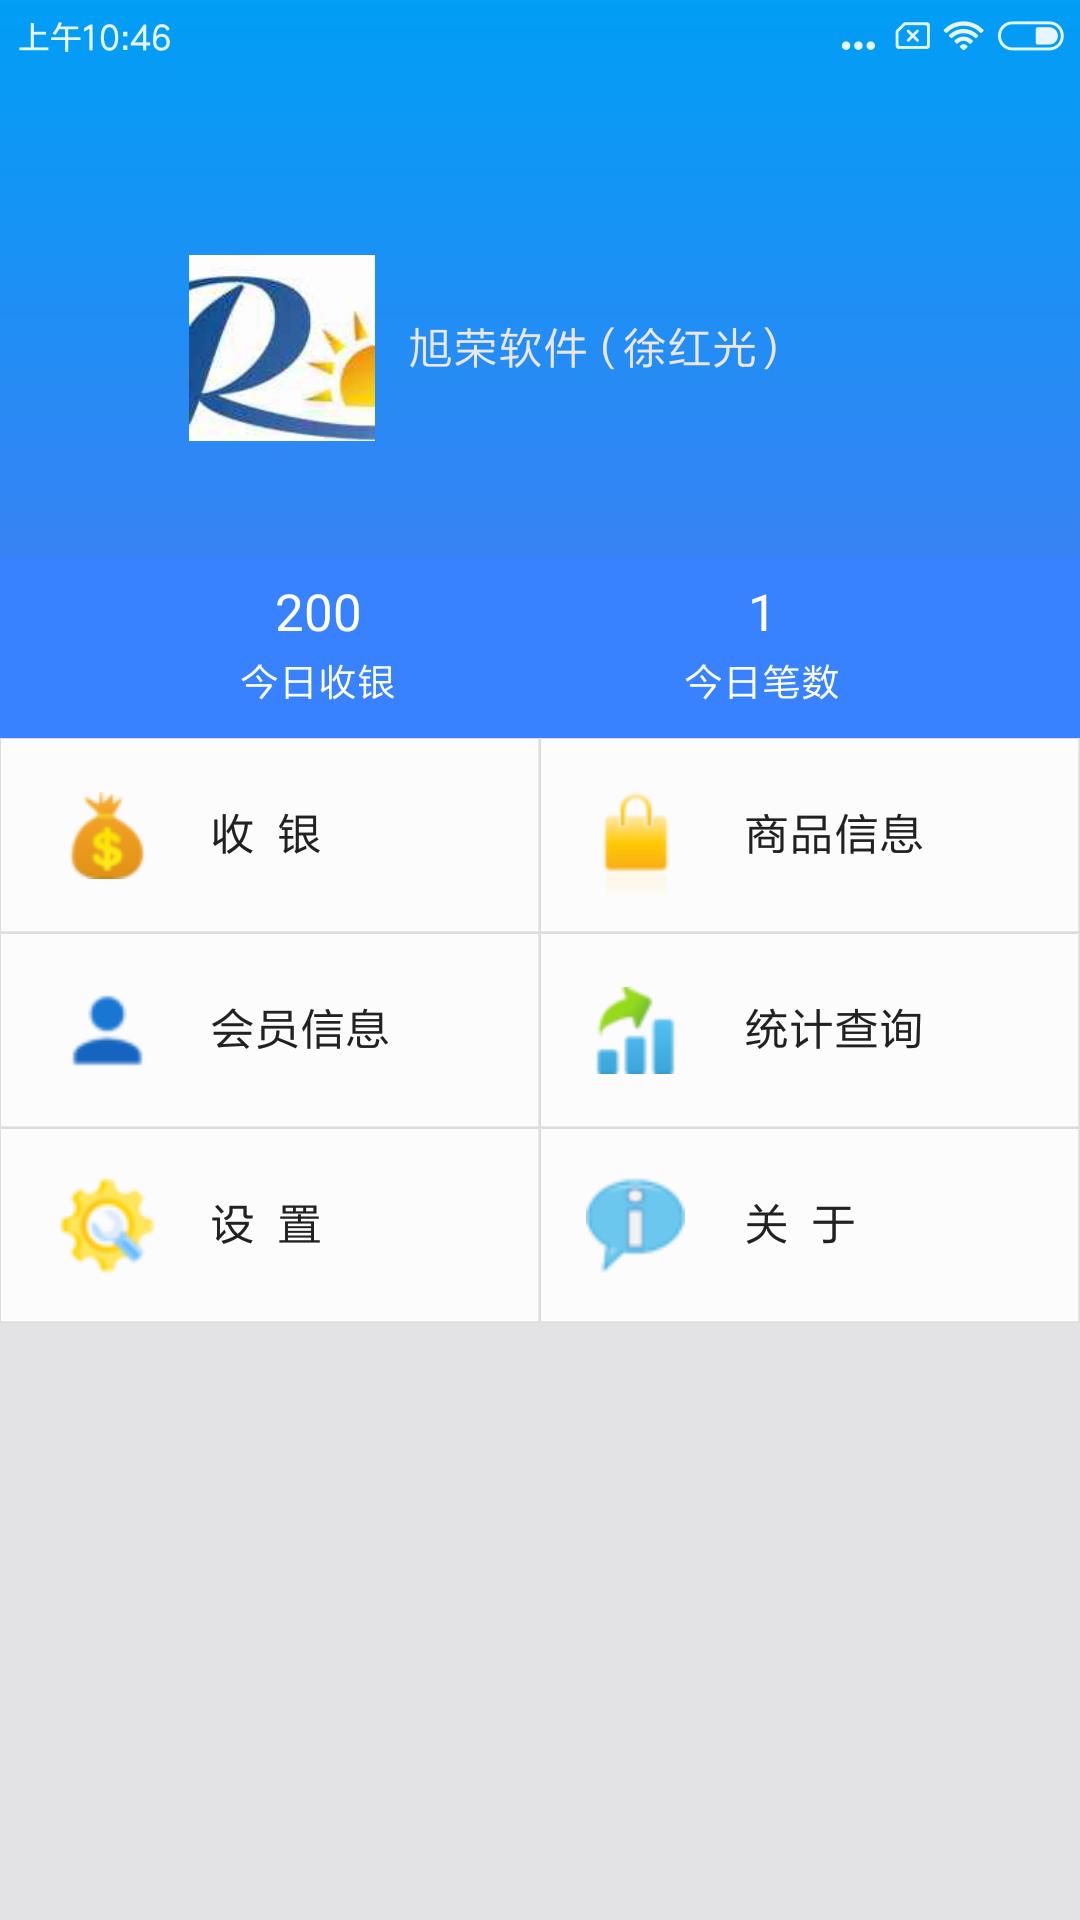 旭荣收银系统软件截图